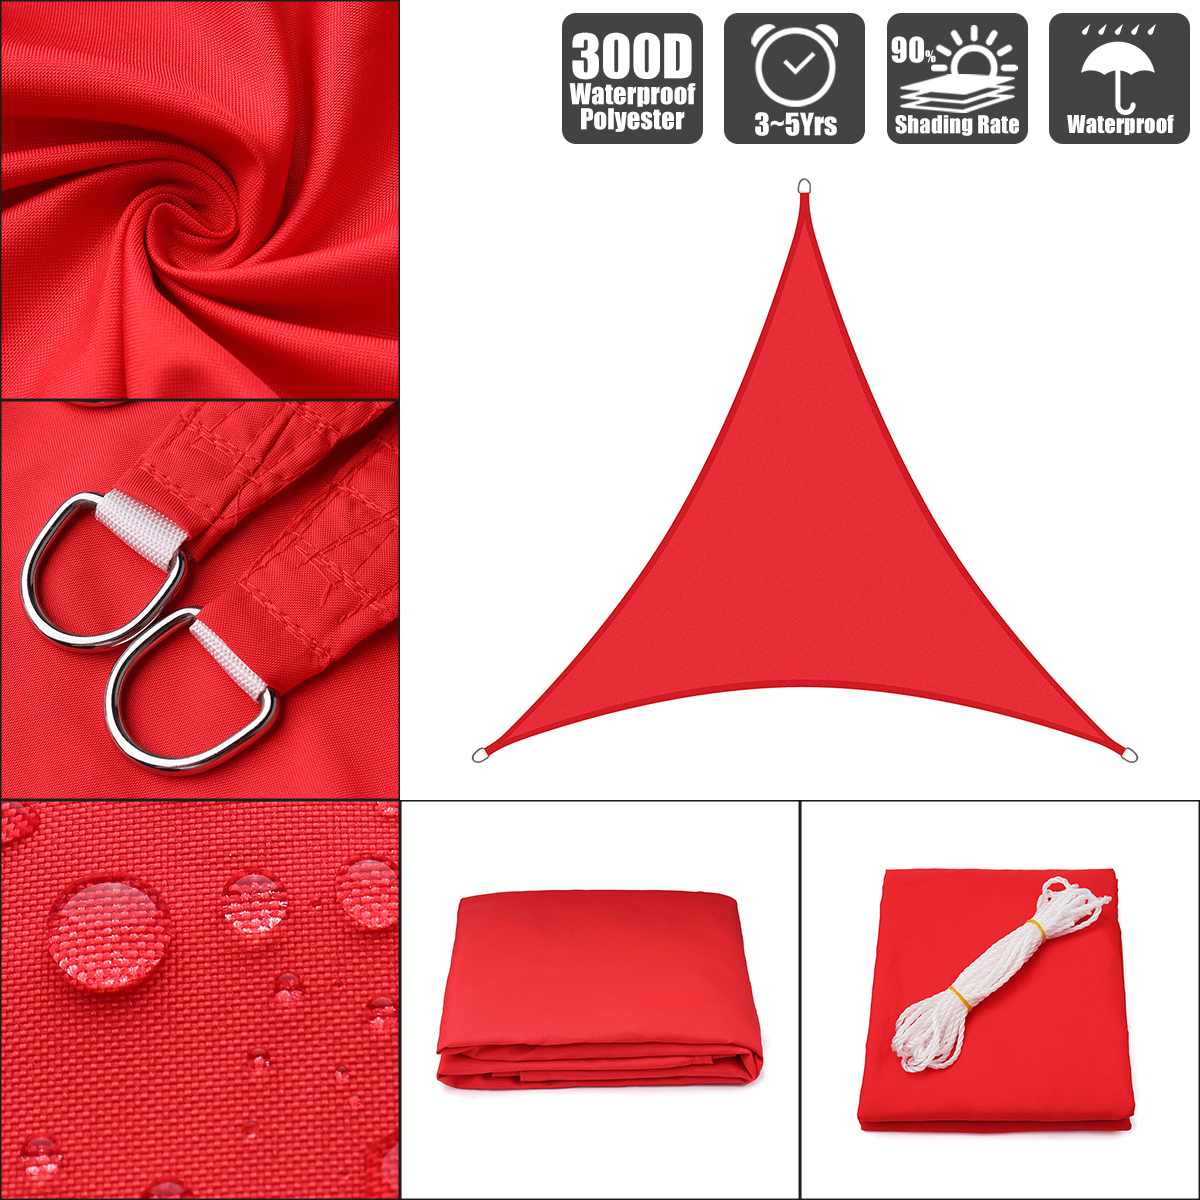 Couverture de protection solaire de piscine   3x3x3 4x4 3x3x4.3 rouge vif 300D polyester oxford équilatéral droit visière à voile, tente étanche